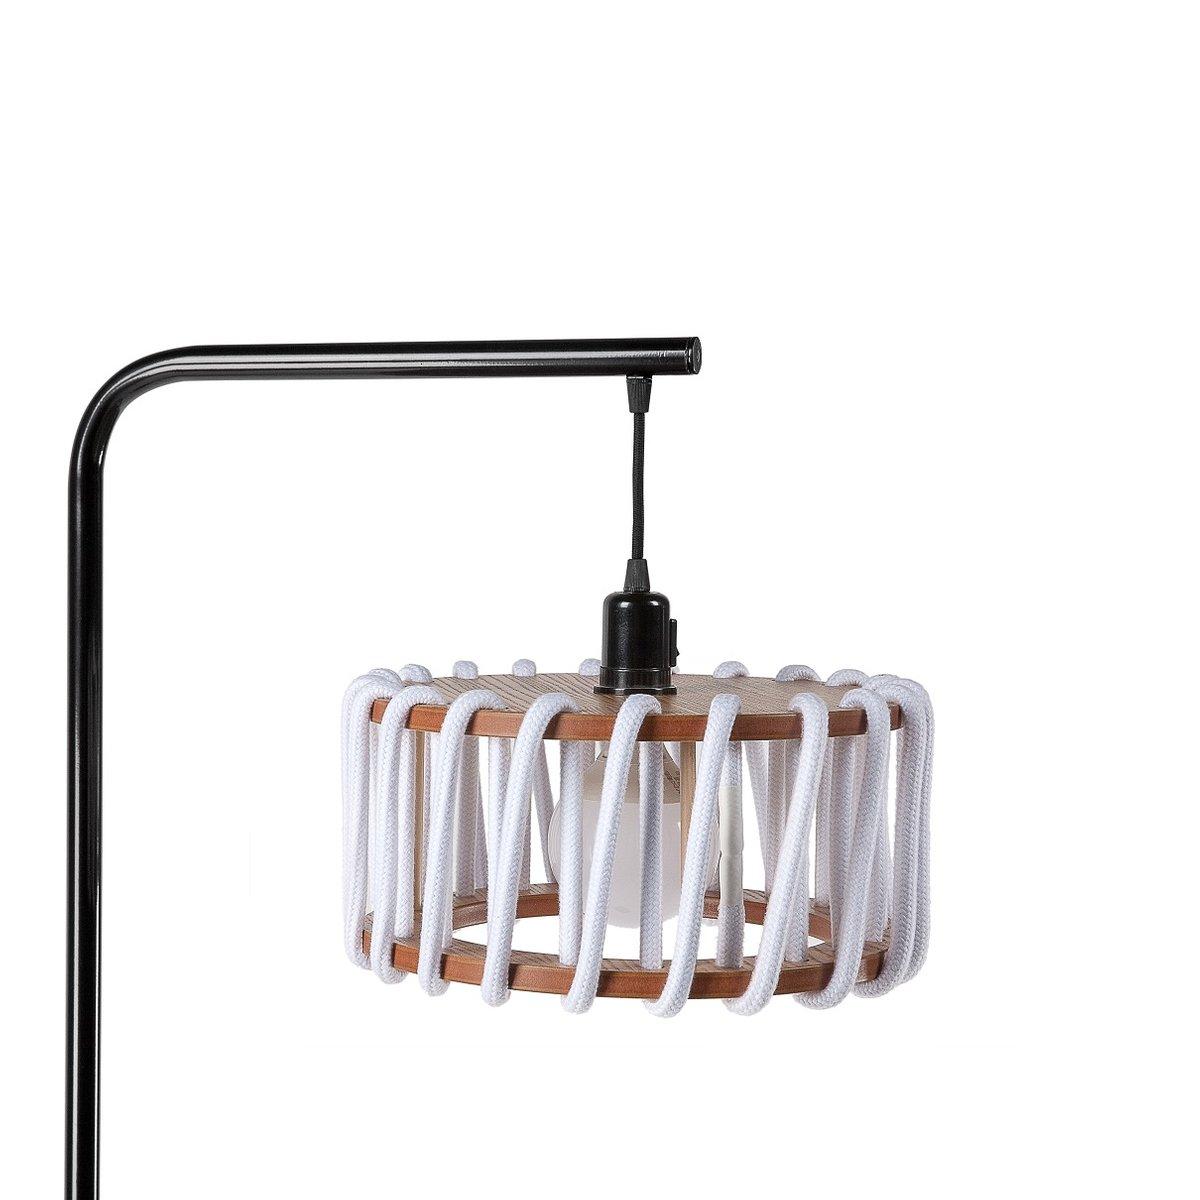 schwarze macaron stehlampe mit kleinem wei en schirm von silvia ce al f r emko bei pamono kaufen. Black Bedroom Furniture Sets. Home Design Ideas